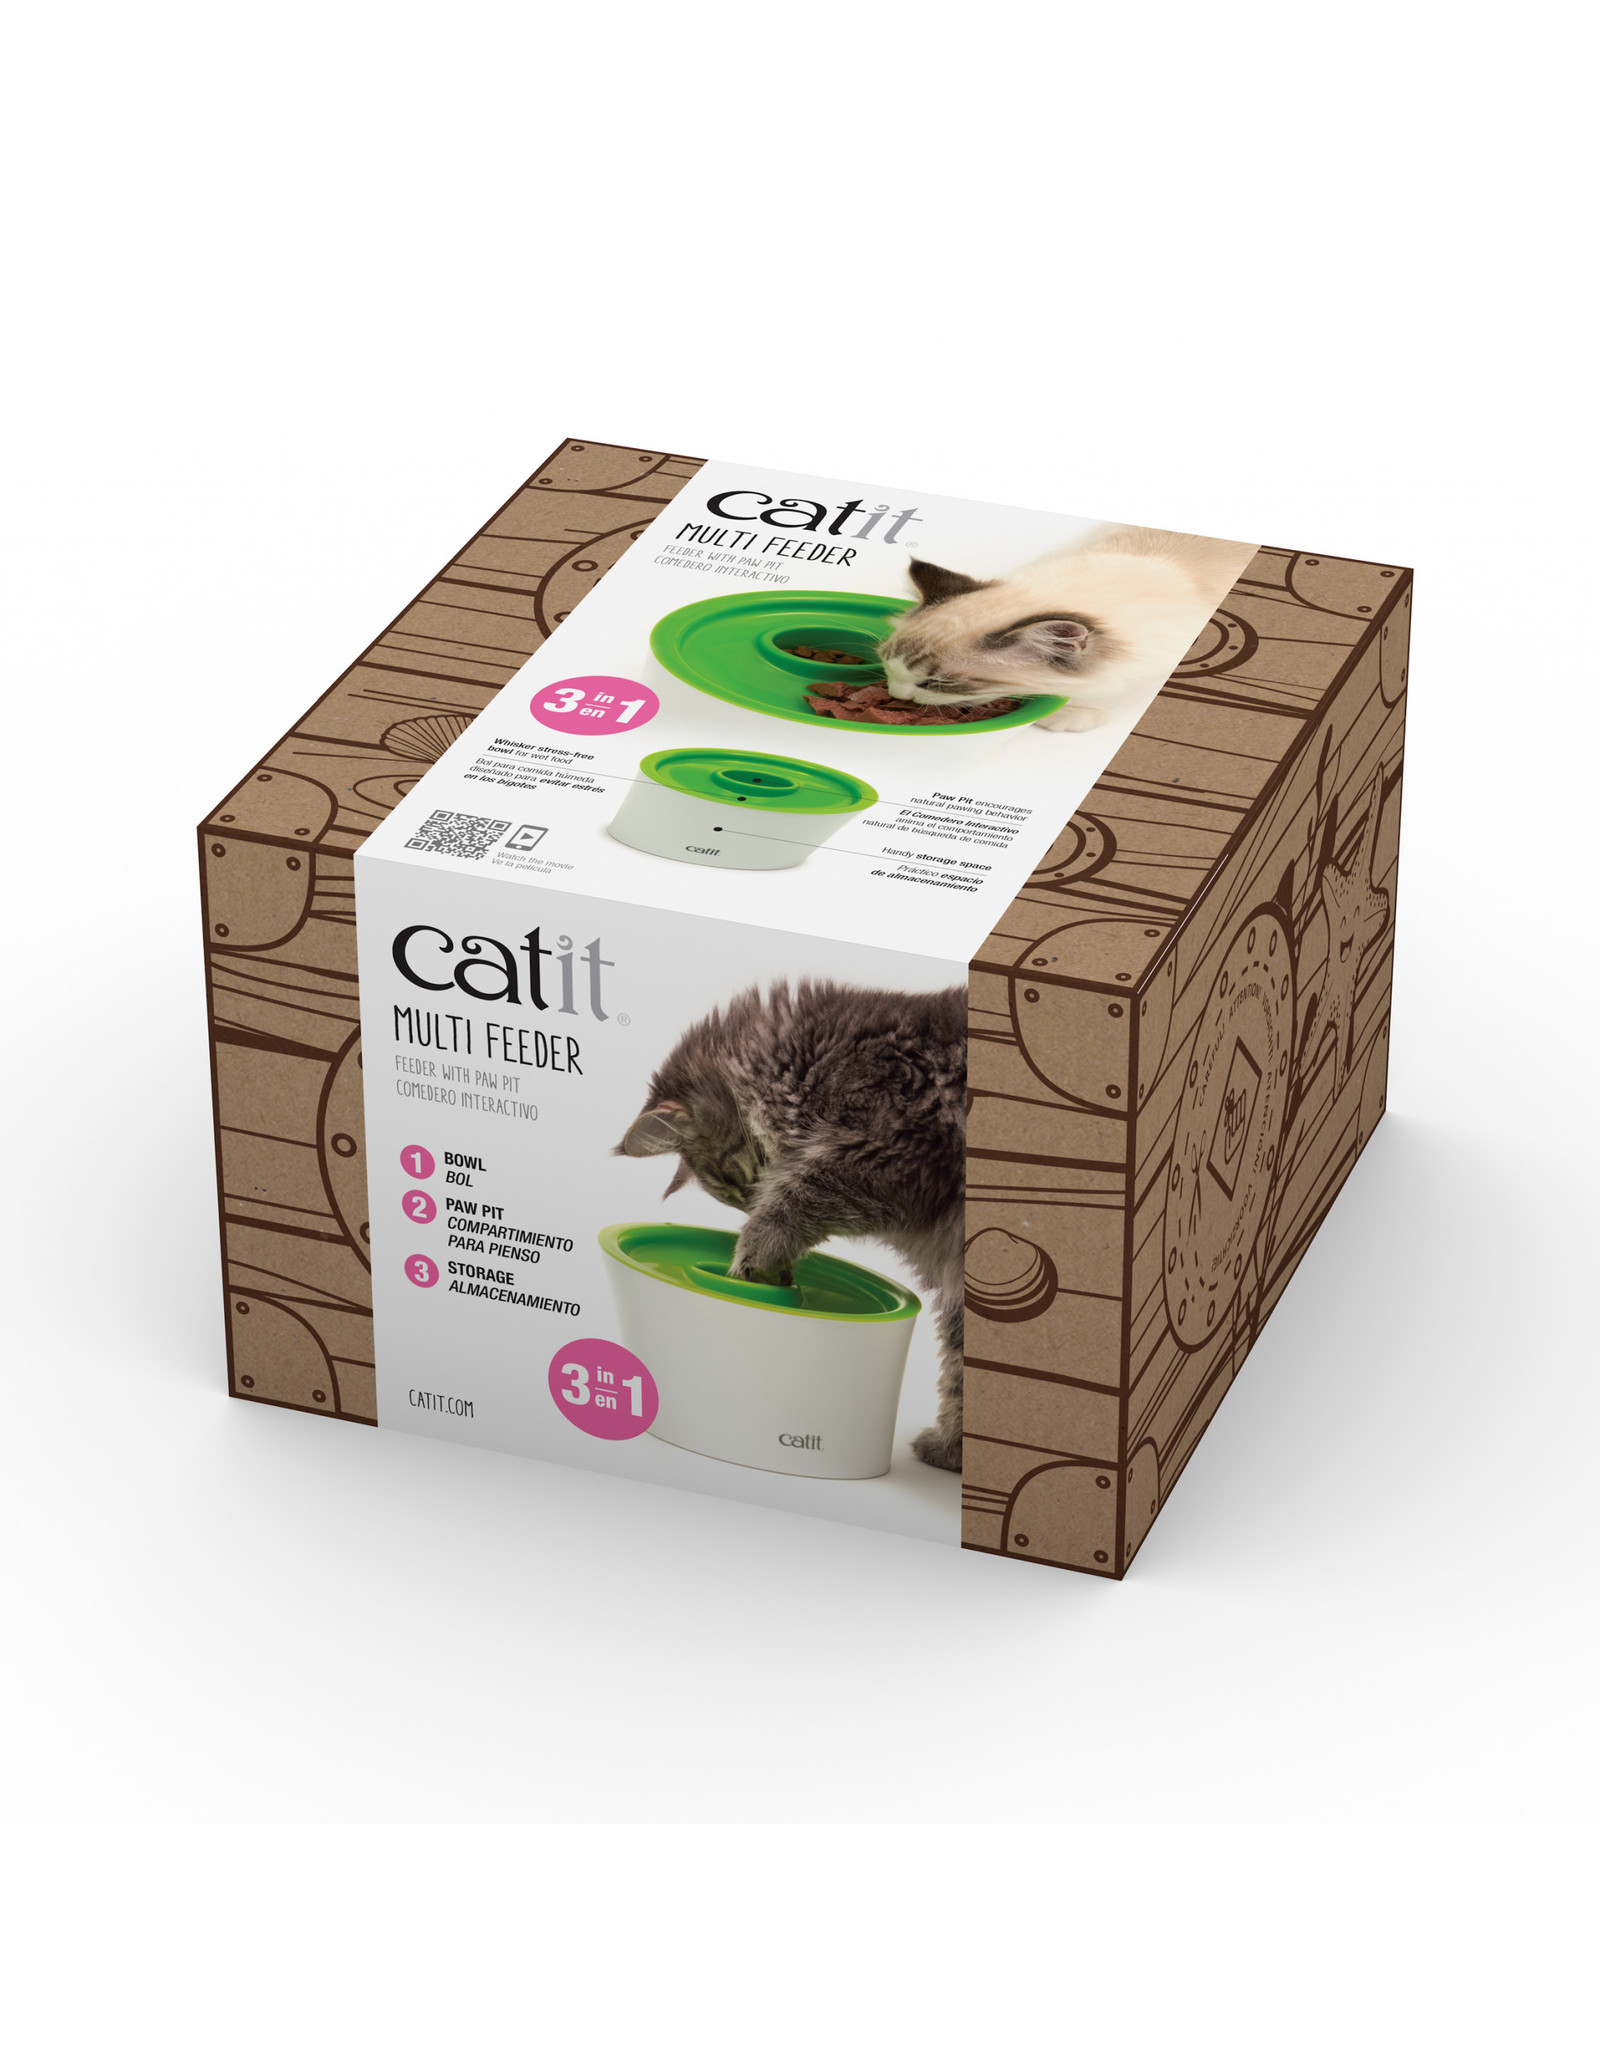 CT - Catit 2.0 Catit 2.0 Multi-Feeder